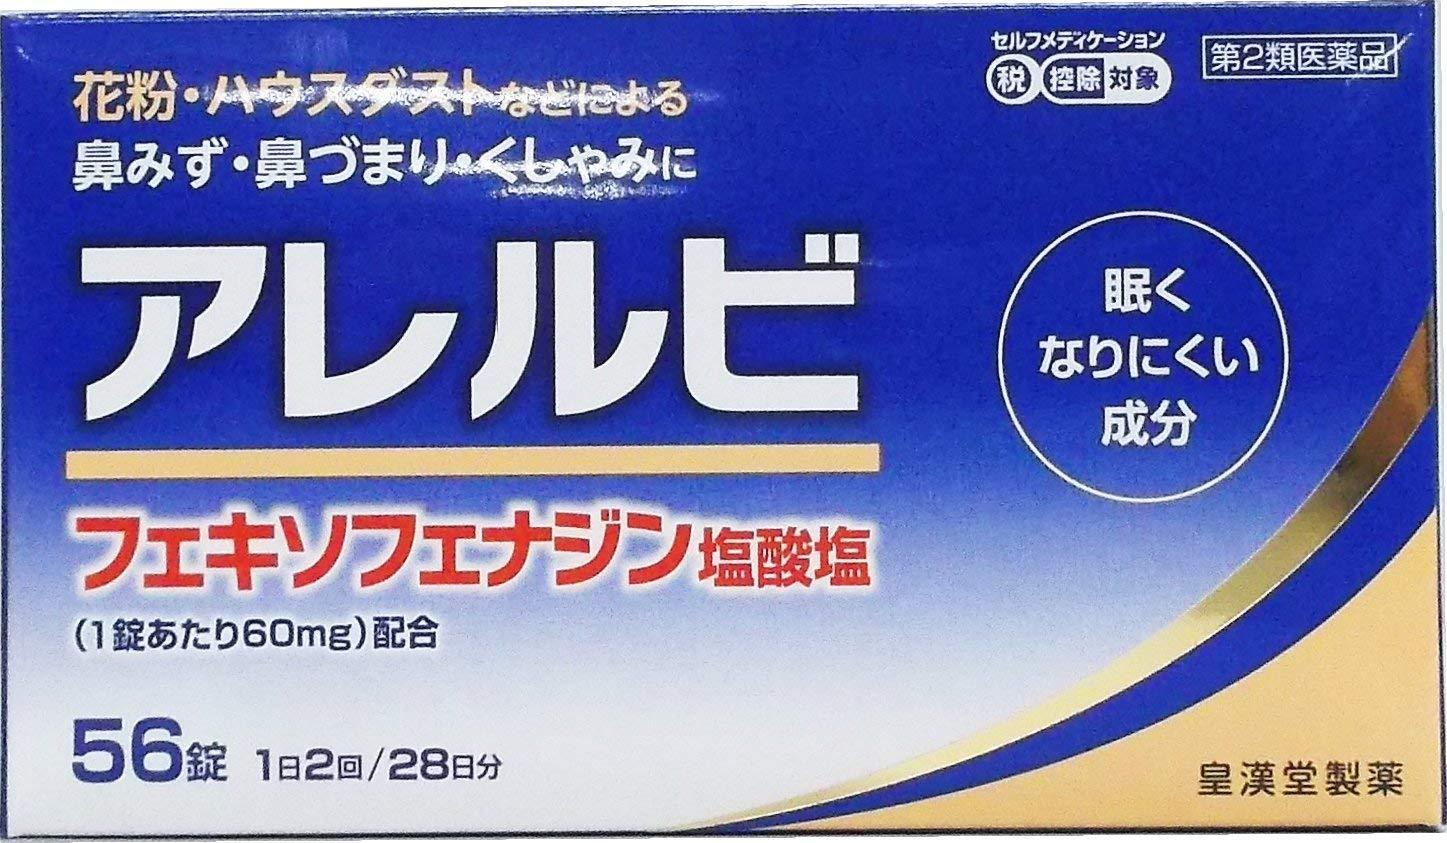 アマゾンで花粉症対策の【第2類医薬品】アレルビ 56錠がセール中。